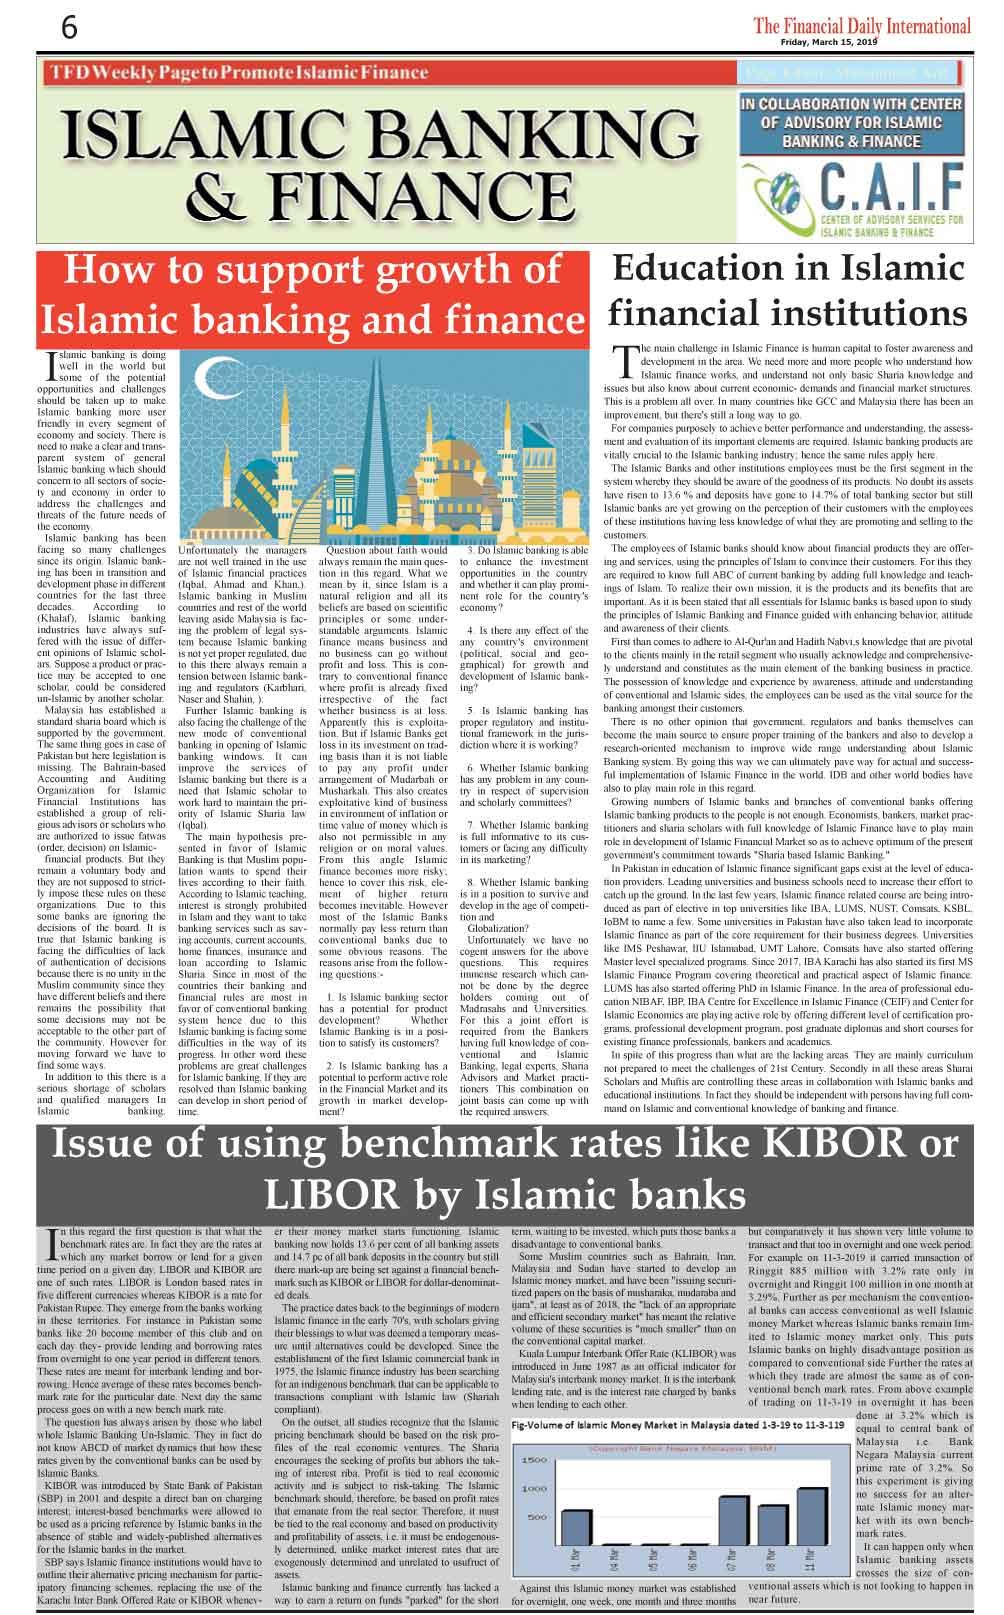 Islamic-Banking-&-Finance